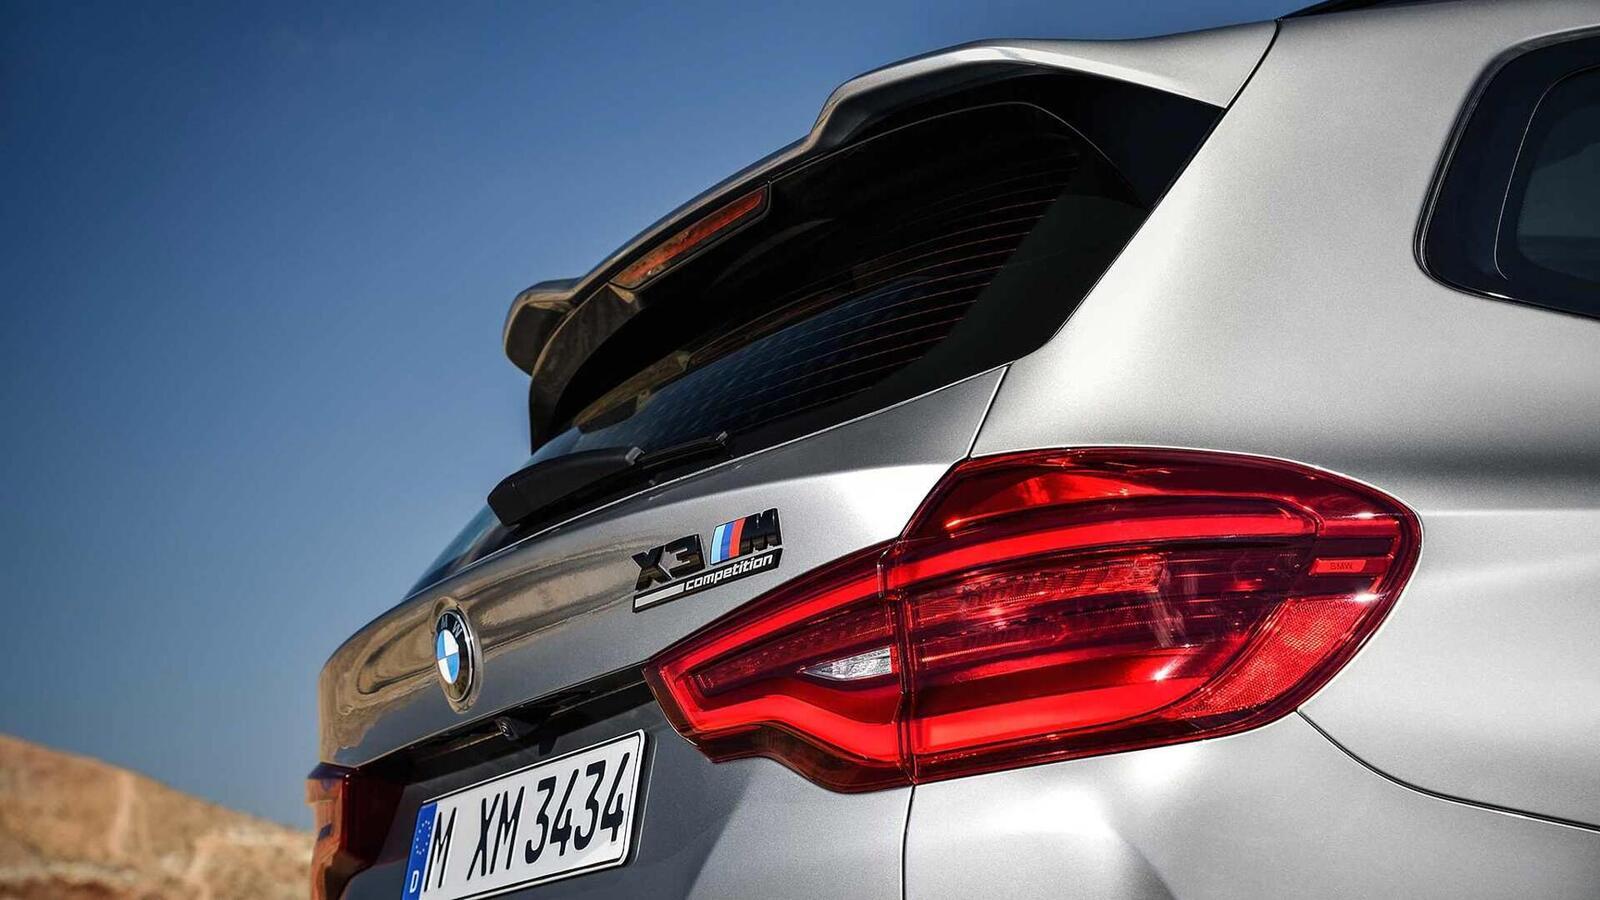 BMW X3 M và X4 M 2020 chính thức ra mắt: Mang trong mình sức mạnh từ 473 - 503 mã lực - Hình 18